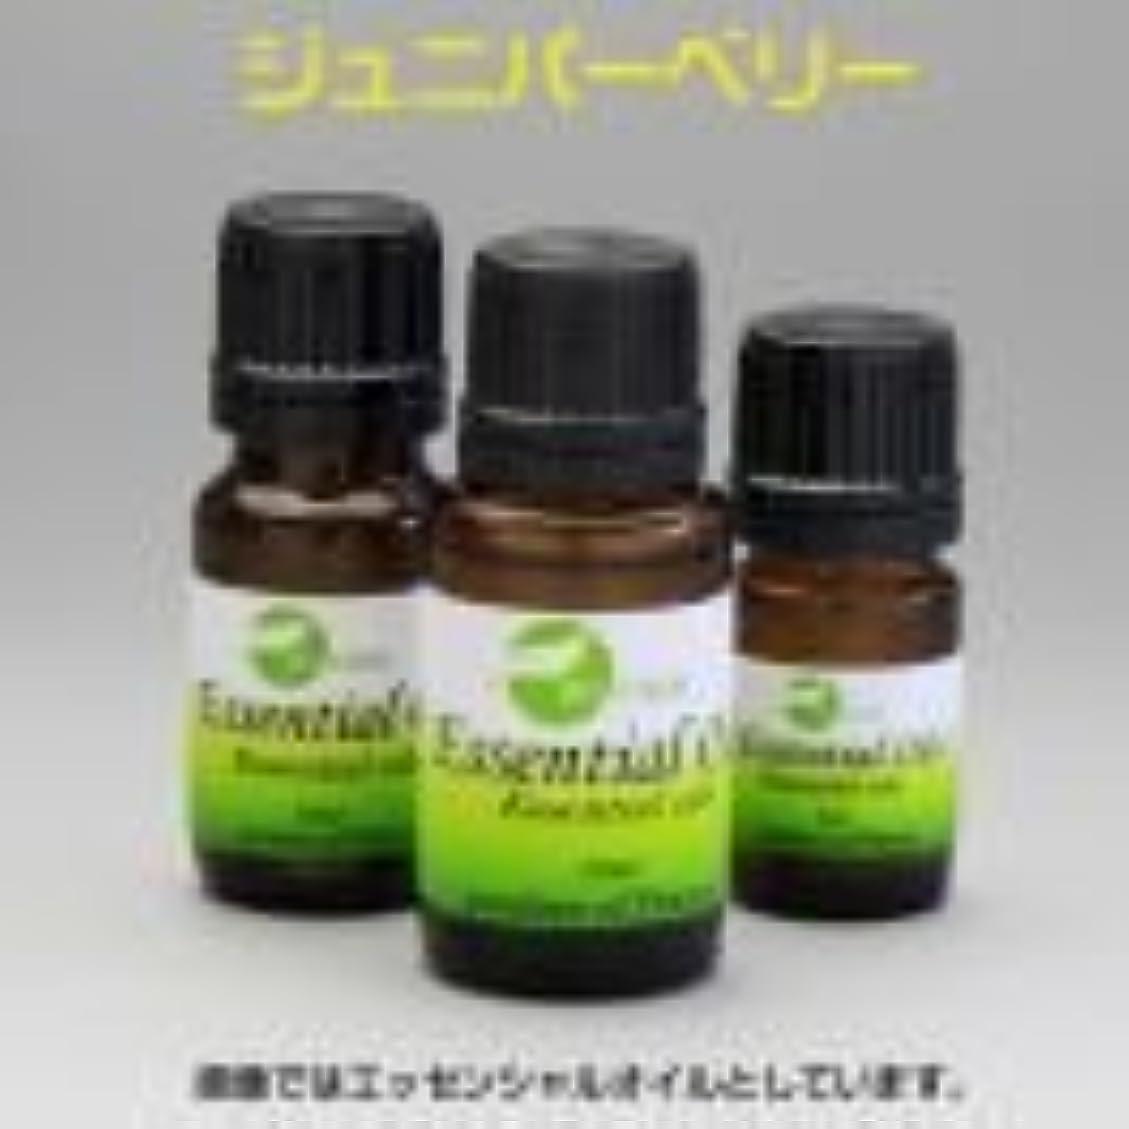 前奏曲心理的署名[エッセンシャルオイル] 松の針葉に似たフレッシュな樹脂の香り ジュニパーベリー 15ml